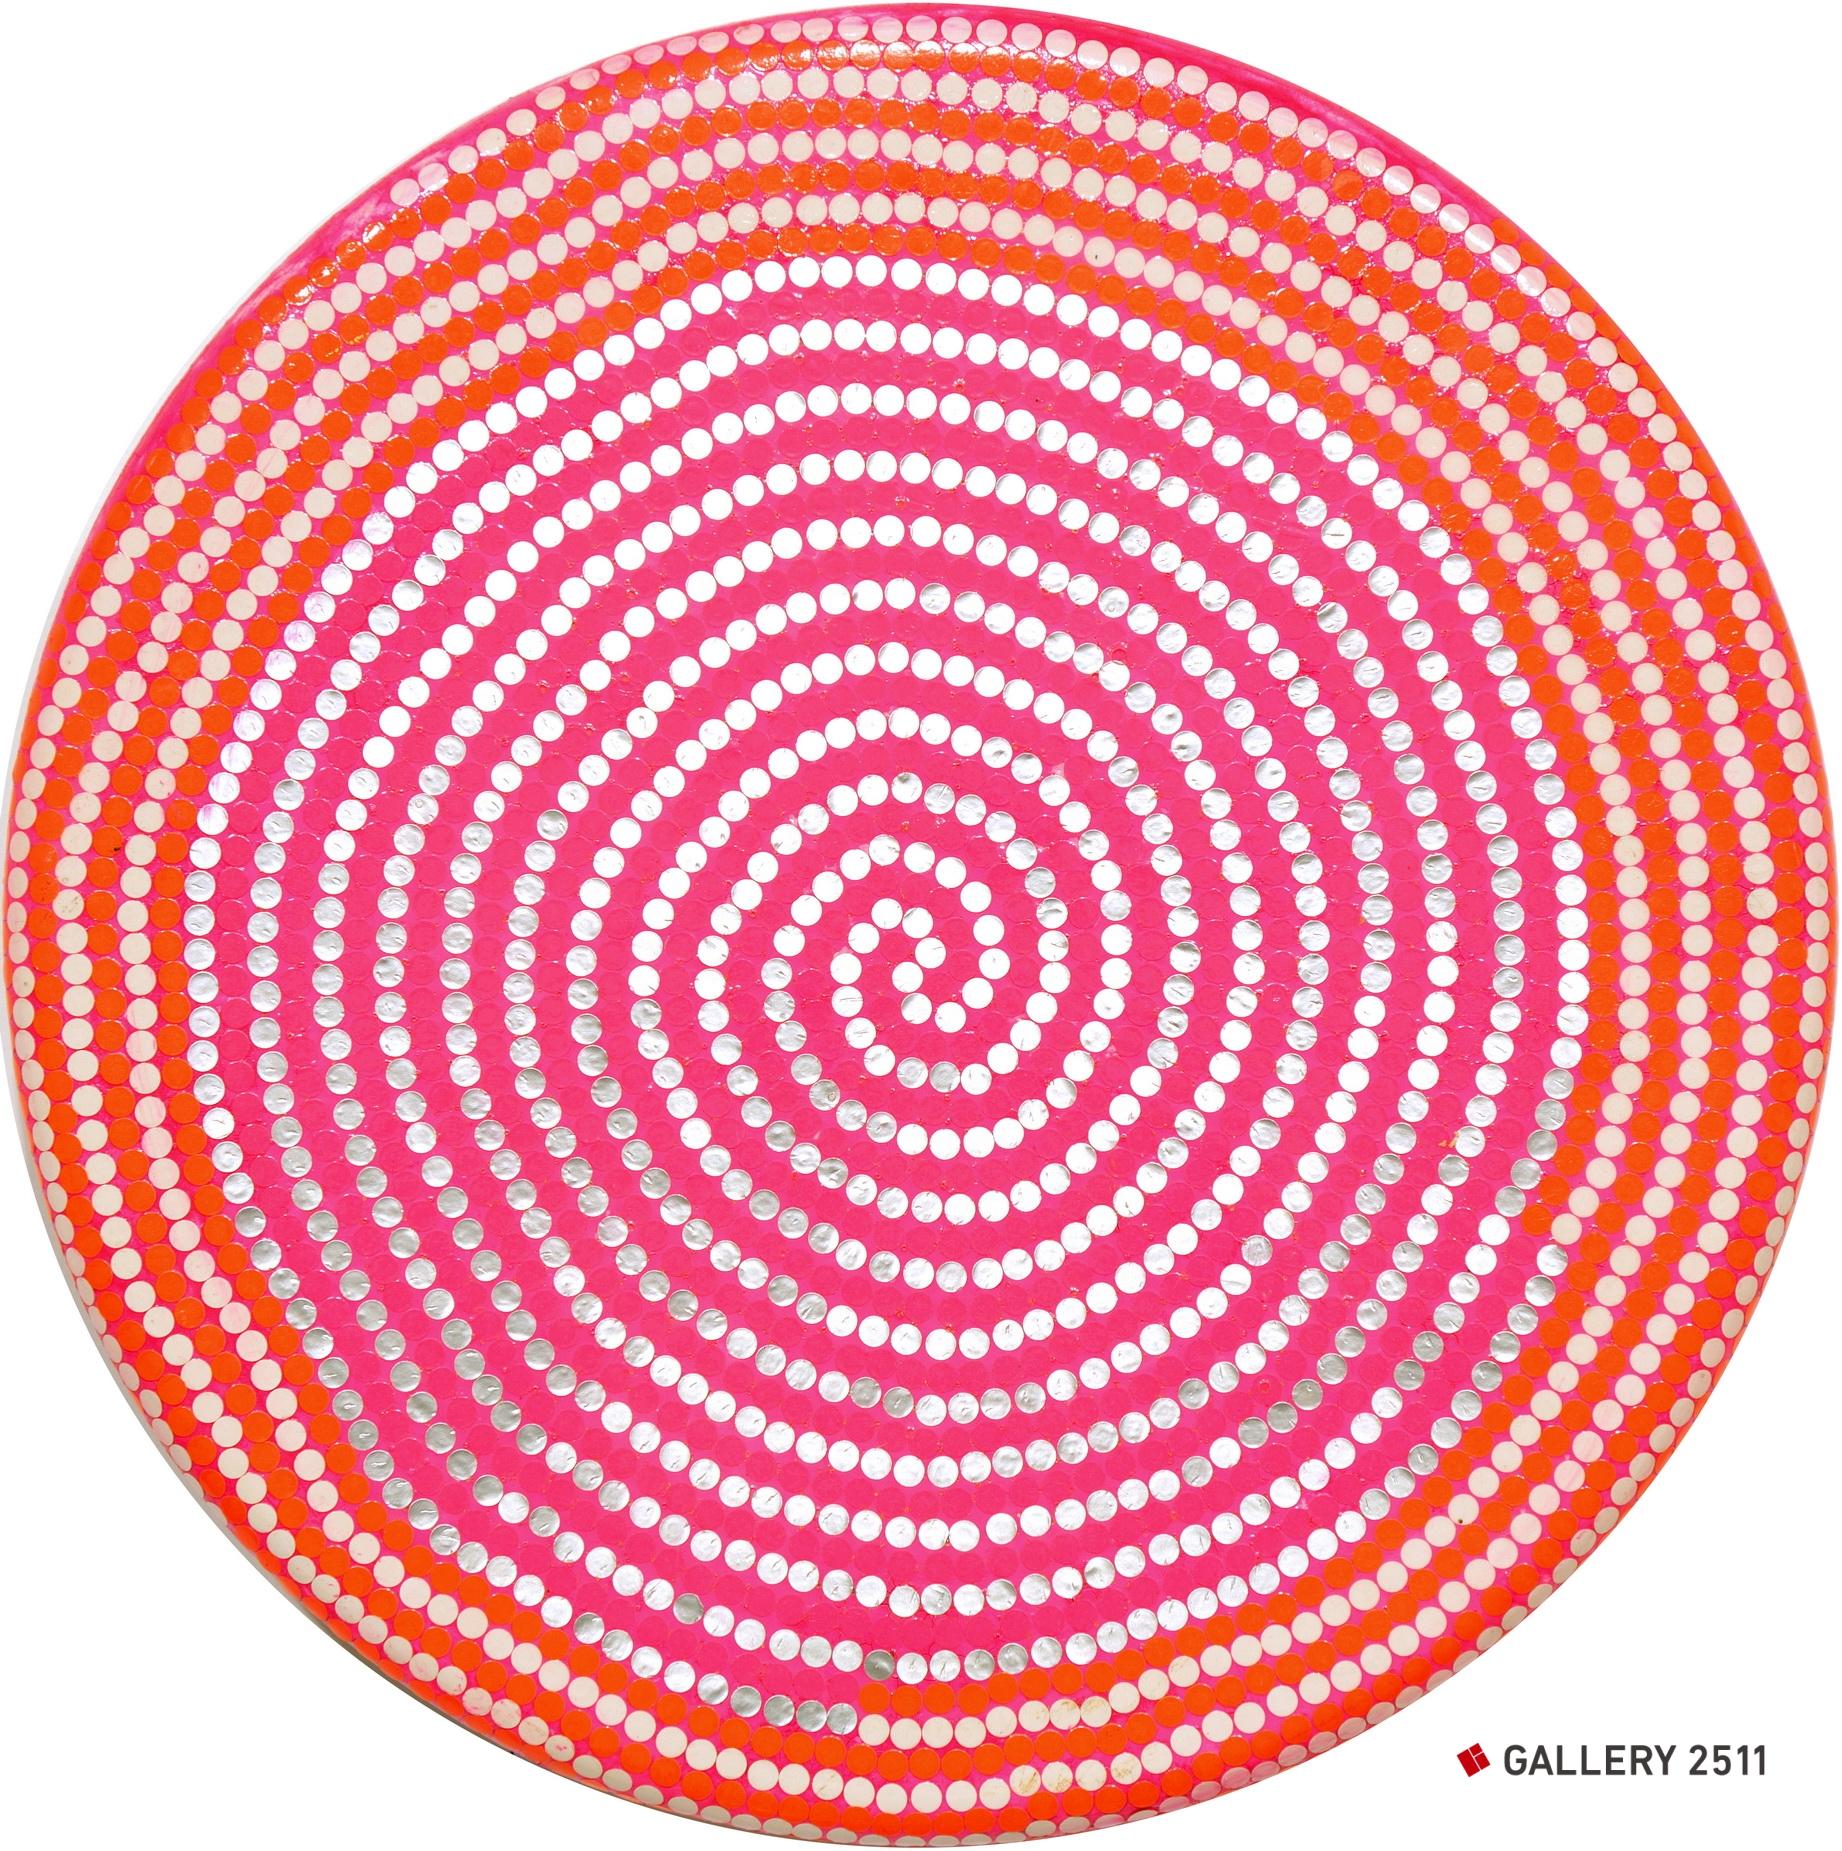 No.097 -「ジョギングピンク」  円板, Φ300mm, 2009